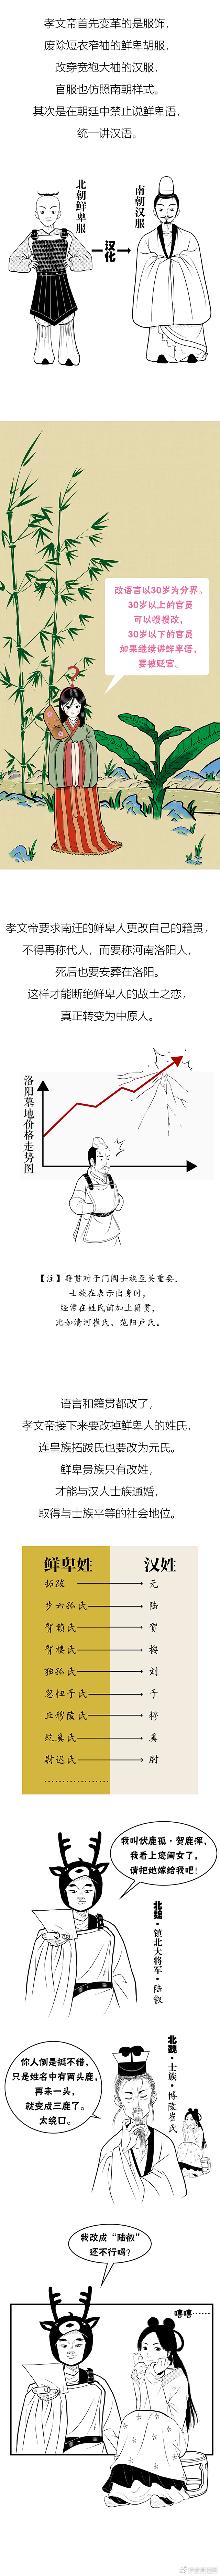 孝文帝汉化北魏是因为汉服好看吗?